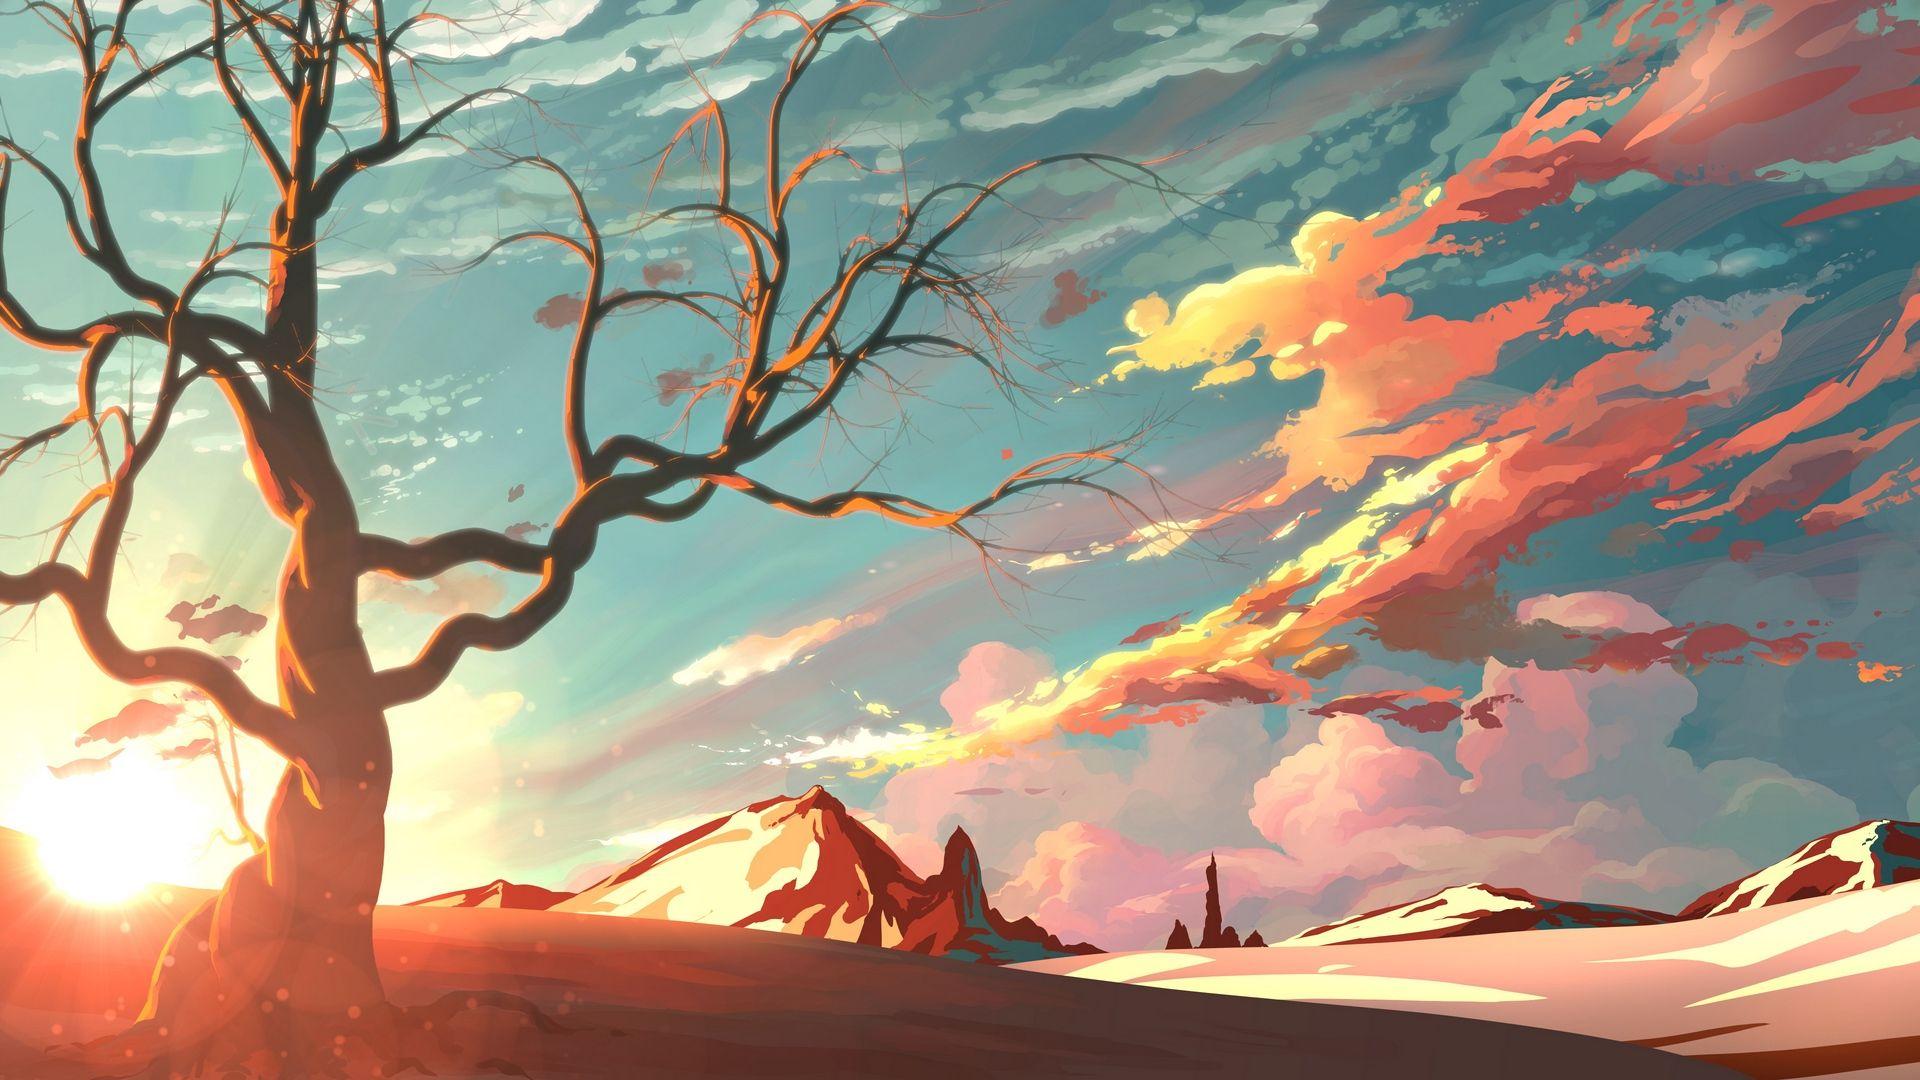 Background Tree Art, Beautiful Art